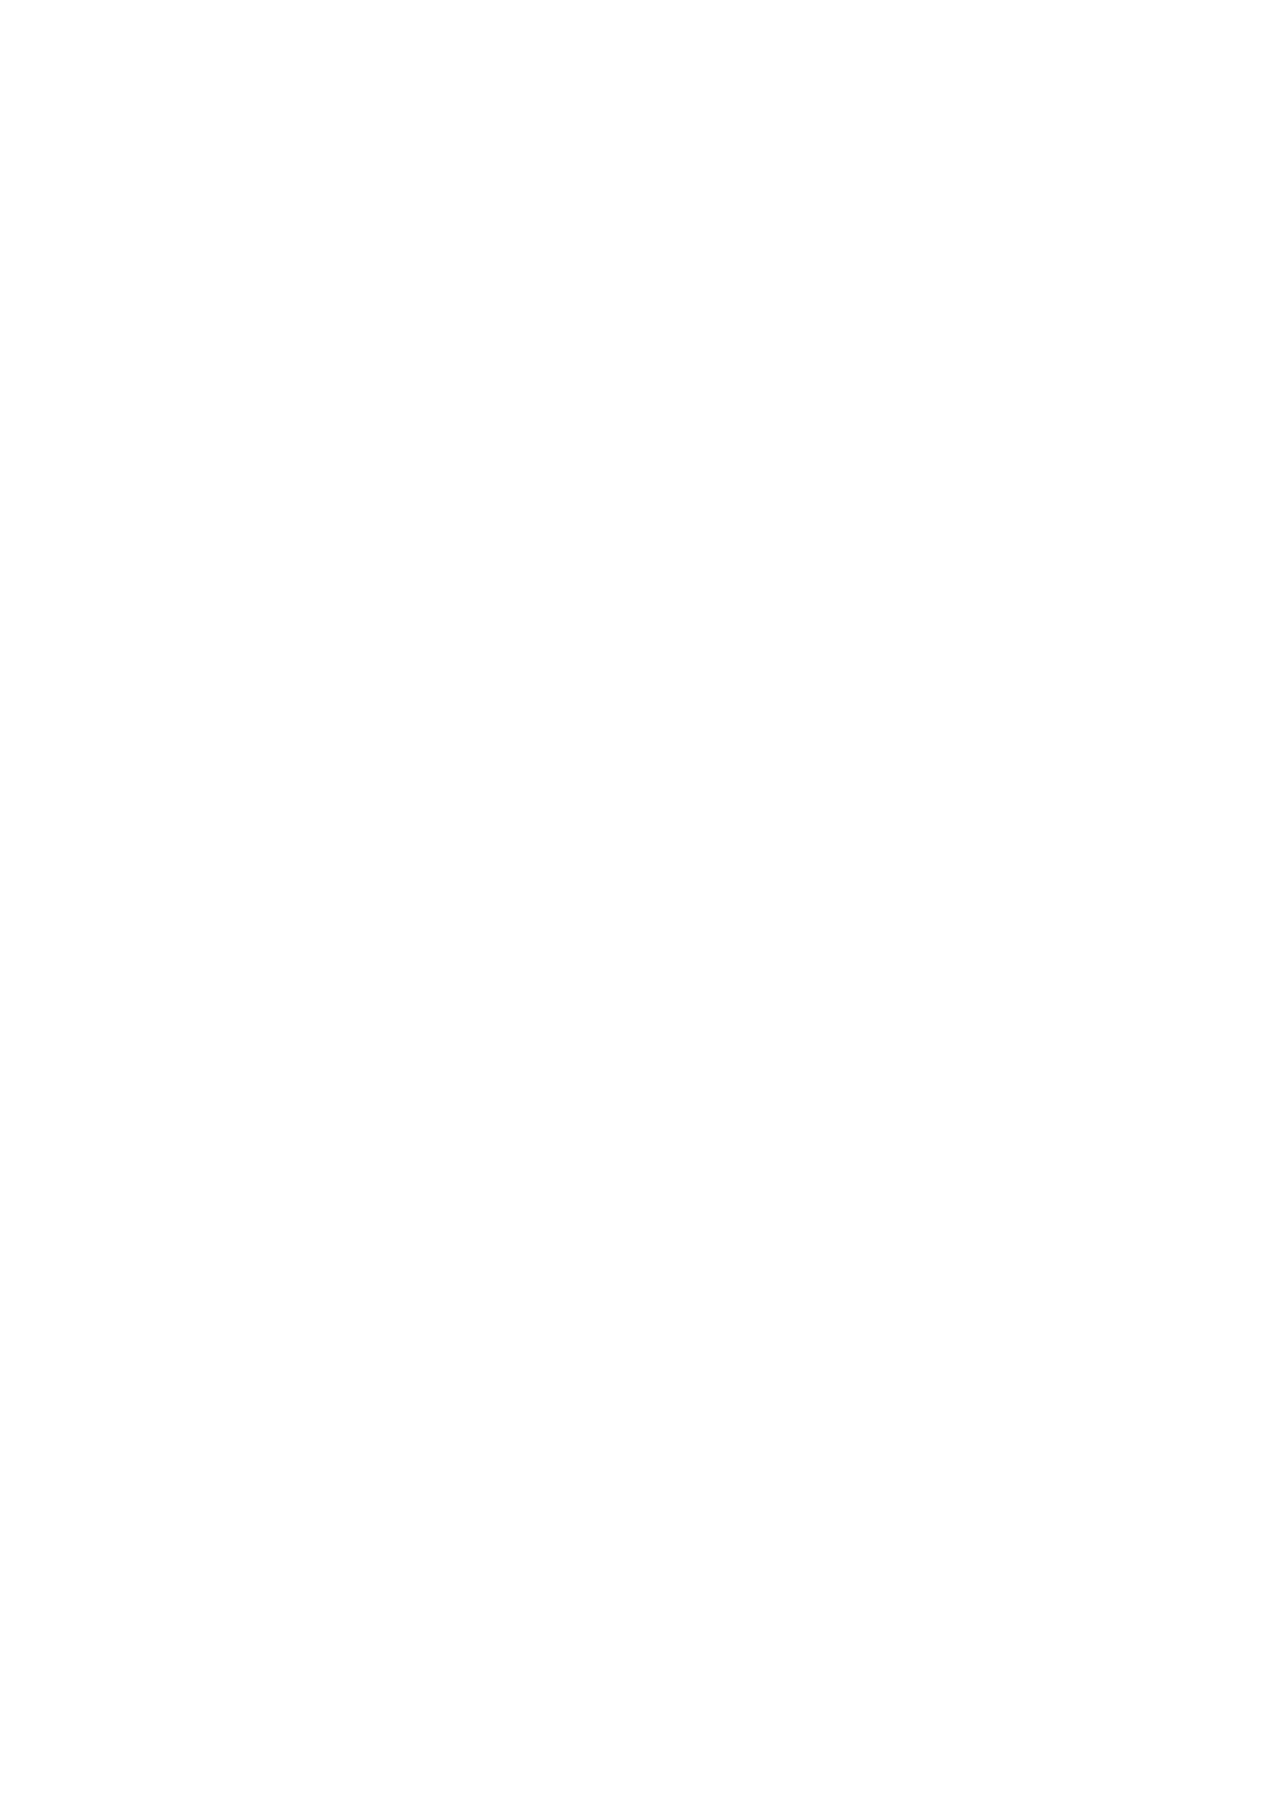 ア○スギア総合スカトロアンソロジー アクトレス排泄実態調査任務~スカポためるっすか!?~ 104